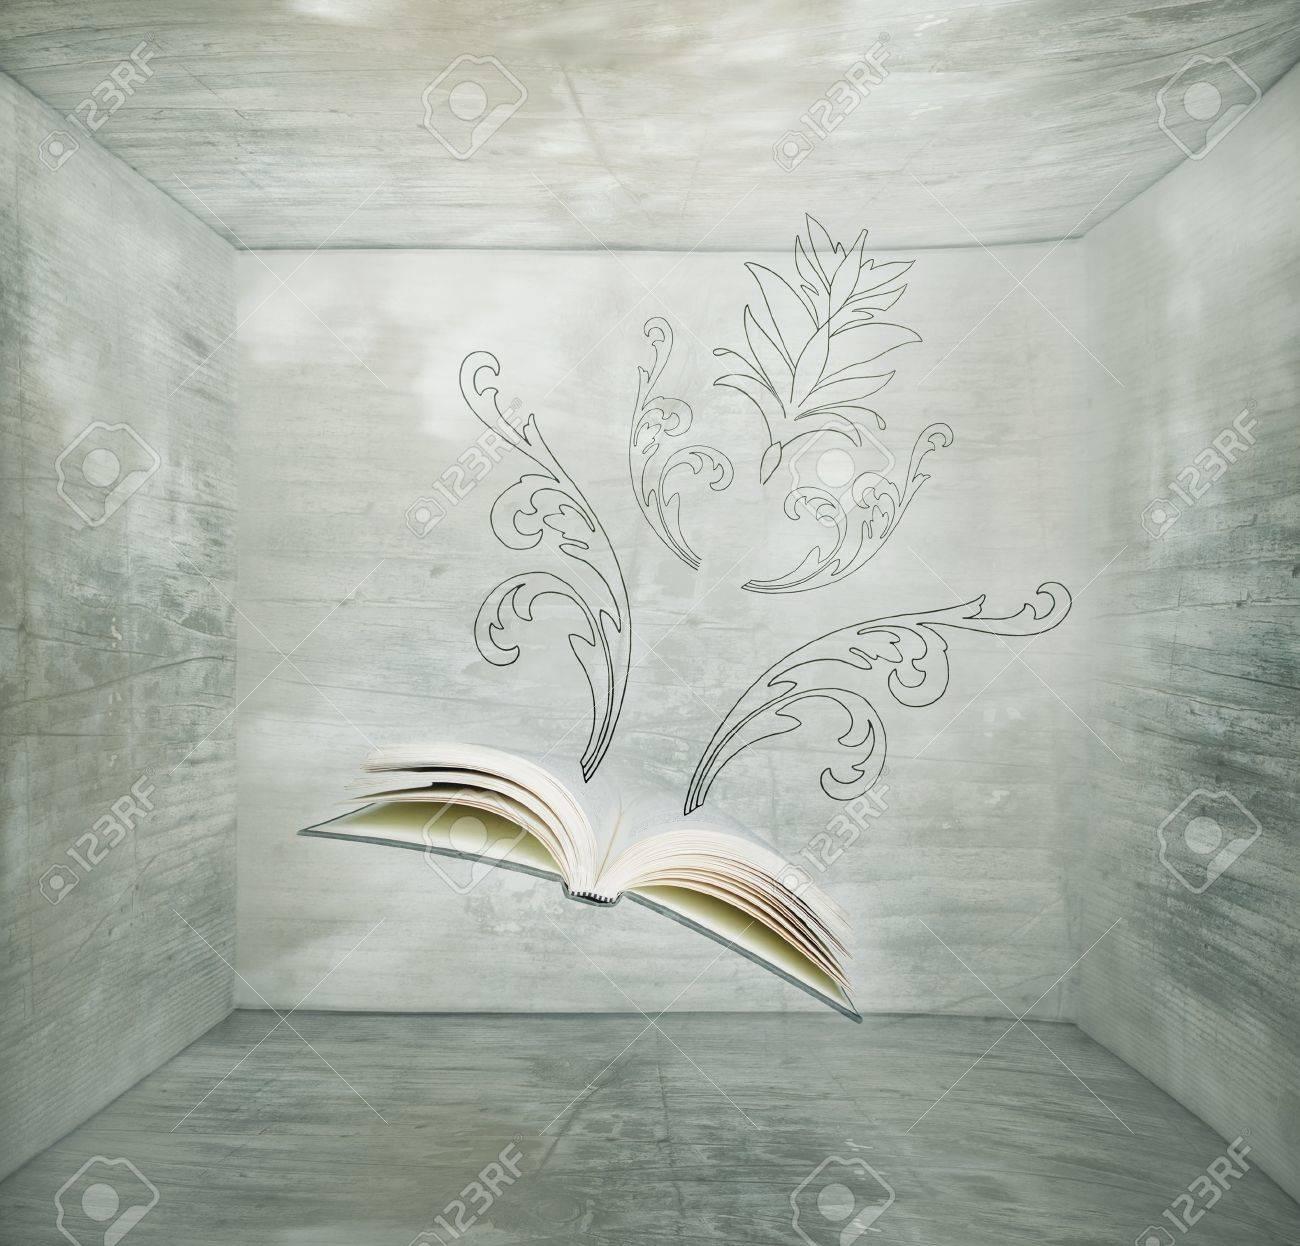 Fantasy Background Representent Un Livre Vole Dans Un Cube Et Quelques Dessins A La Main Elegants Qui Sortent De L Ouvrage